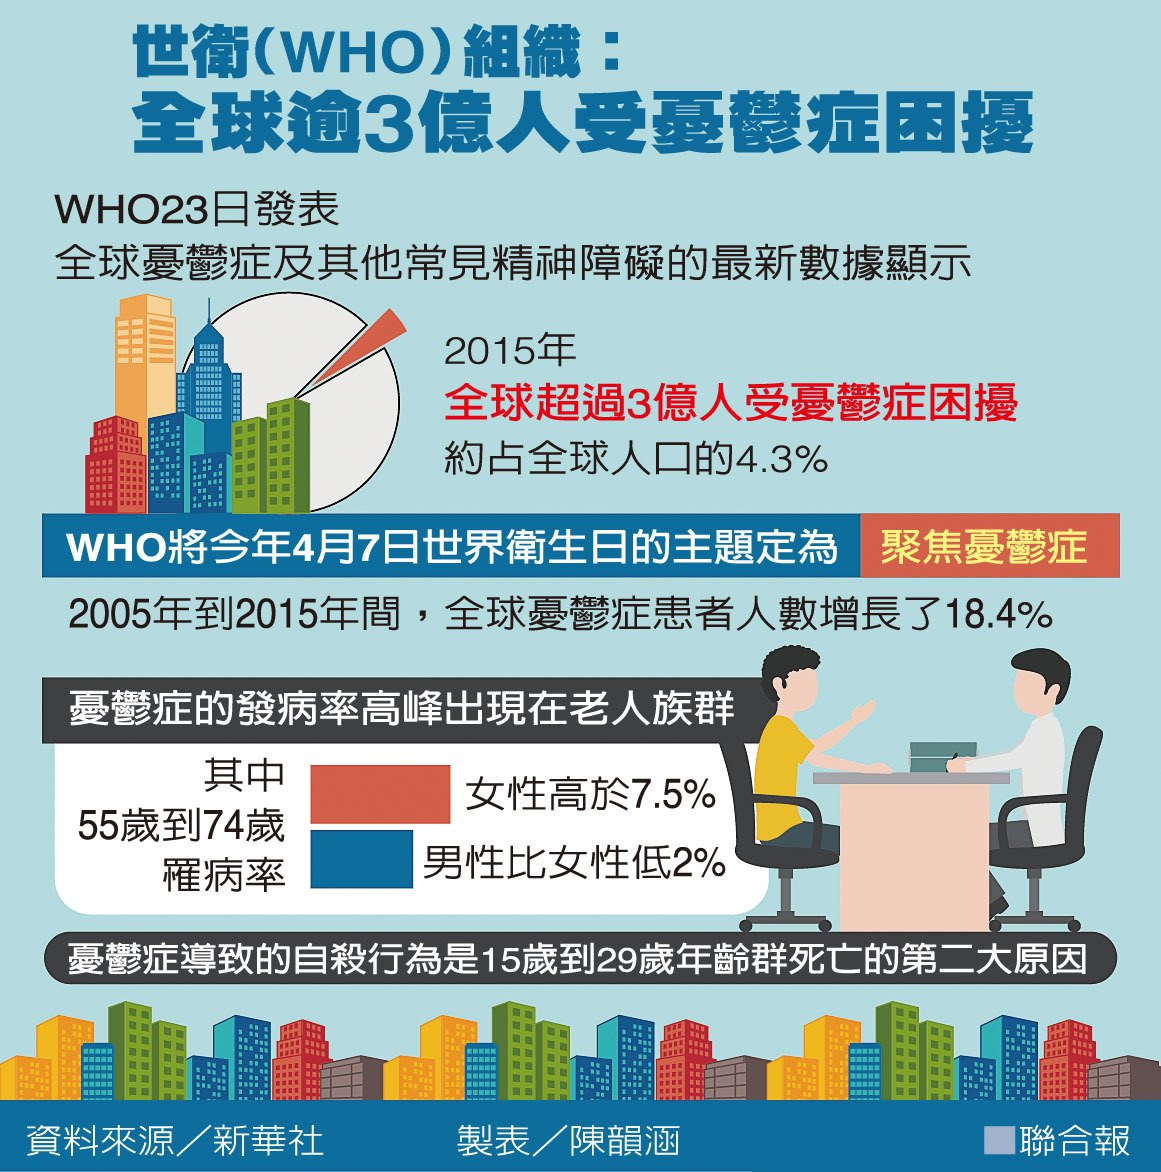 世衛(WHO)組織:全球逾3億人受憂鬱症困擾 圖/聯合報提供 製表/陳韻涵